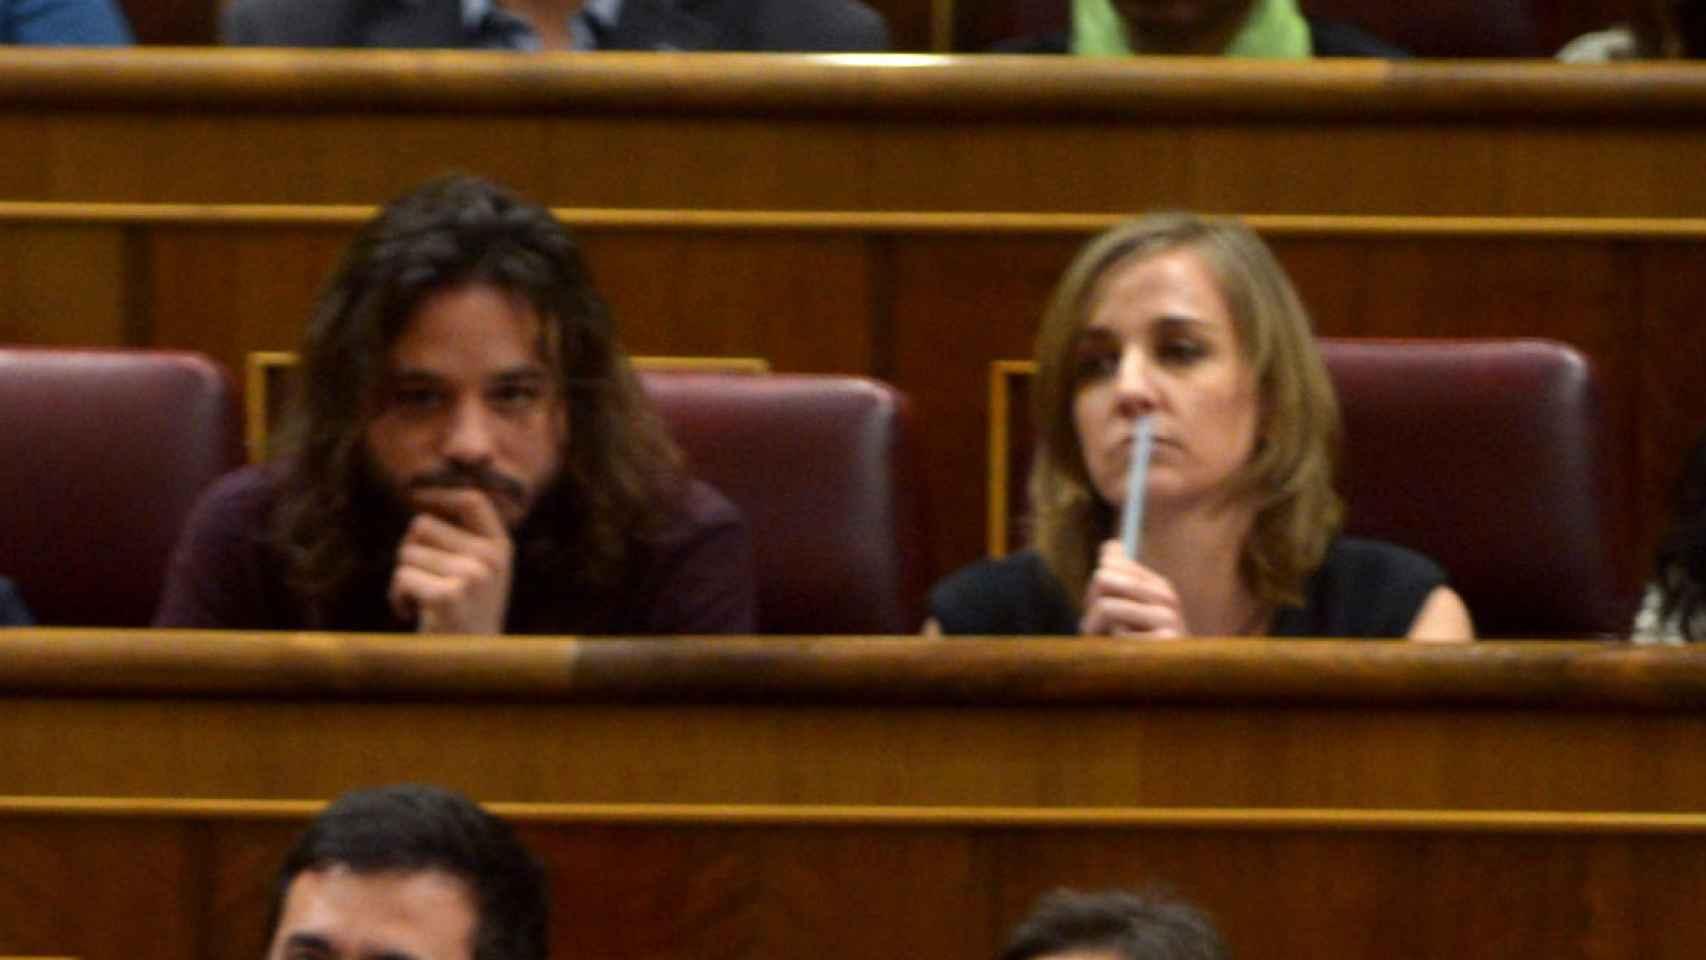 Miguel Vila y Tania Sánchez son vecinos de escaño en el Congreso de los Diputados